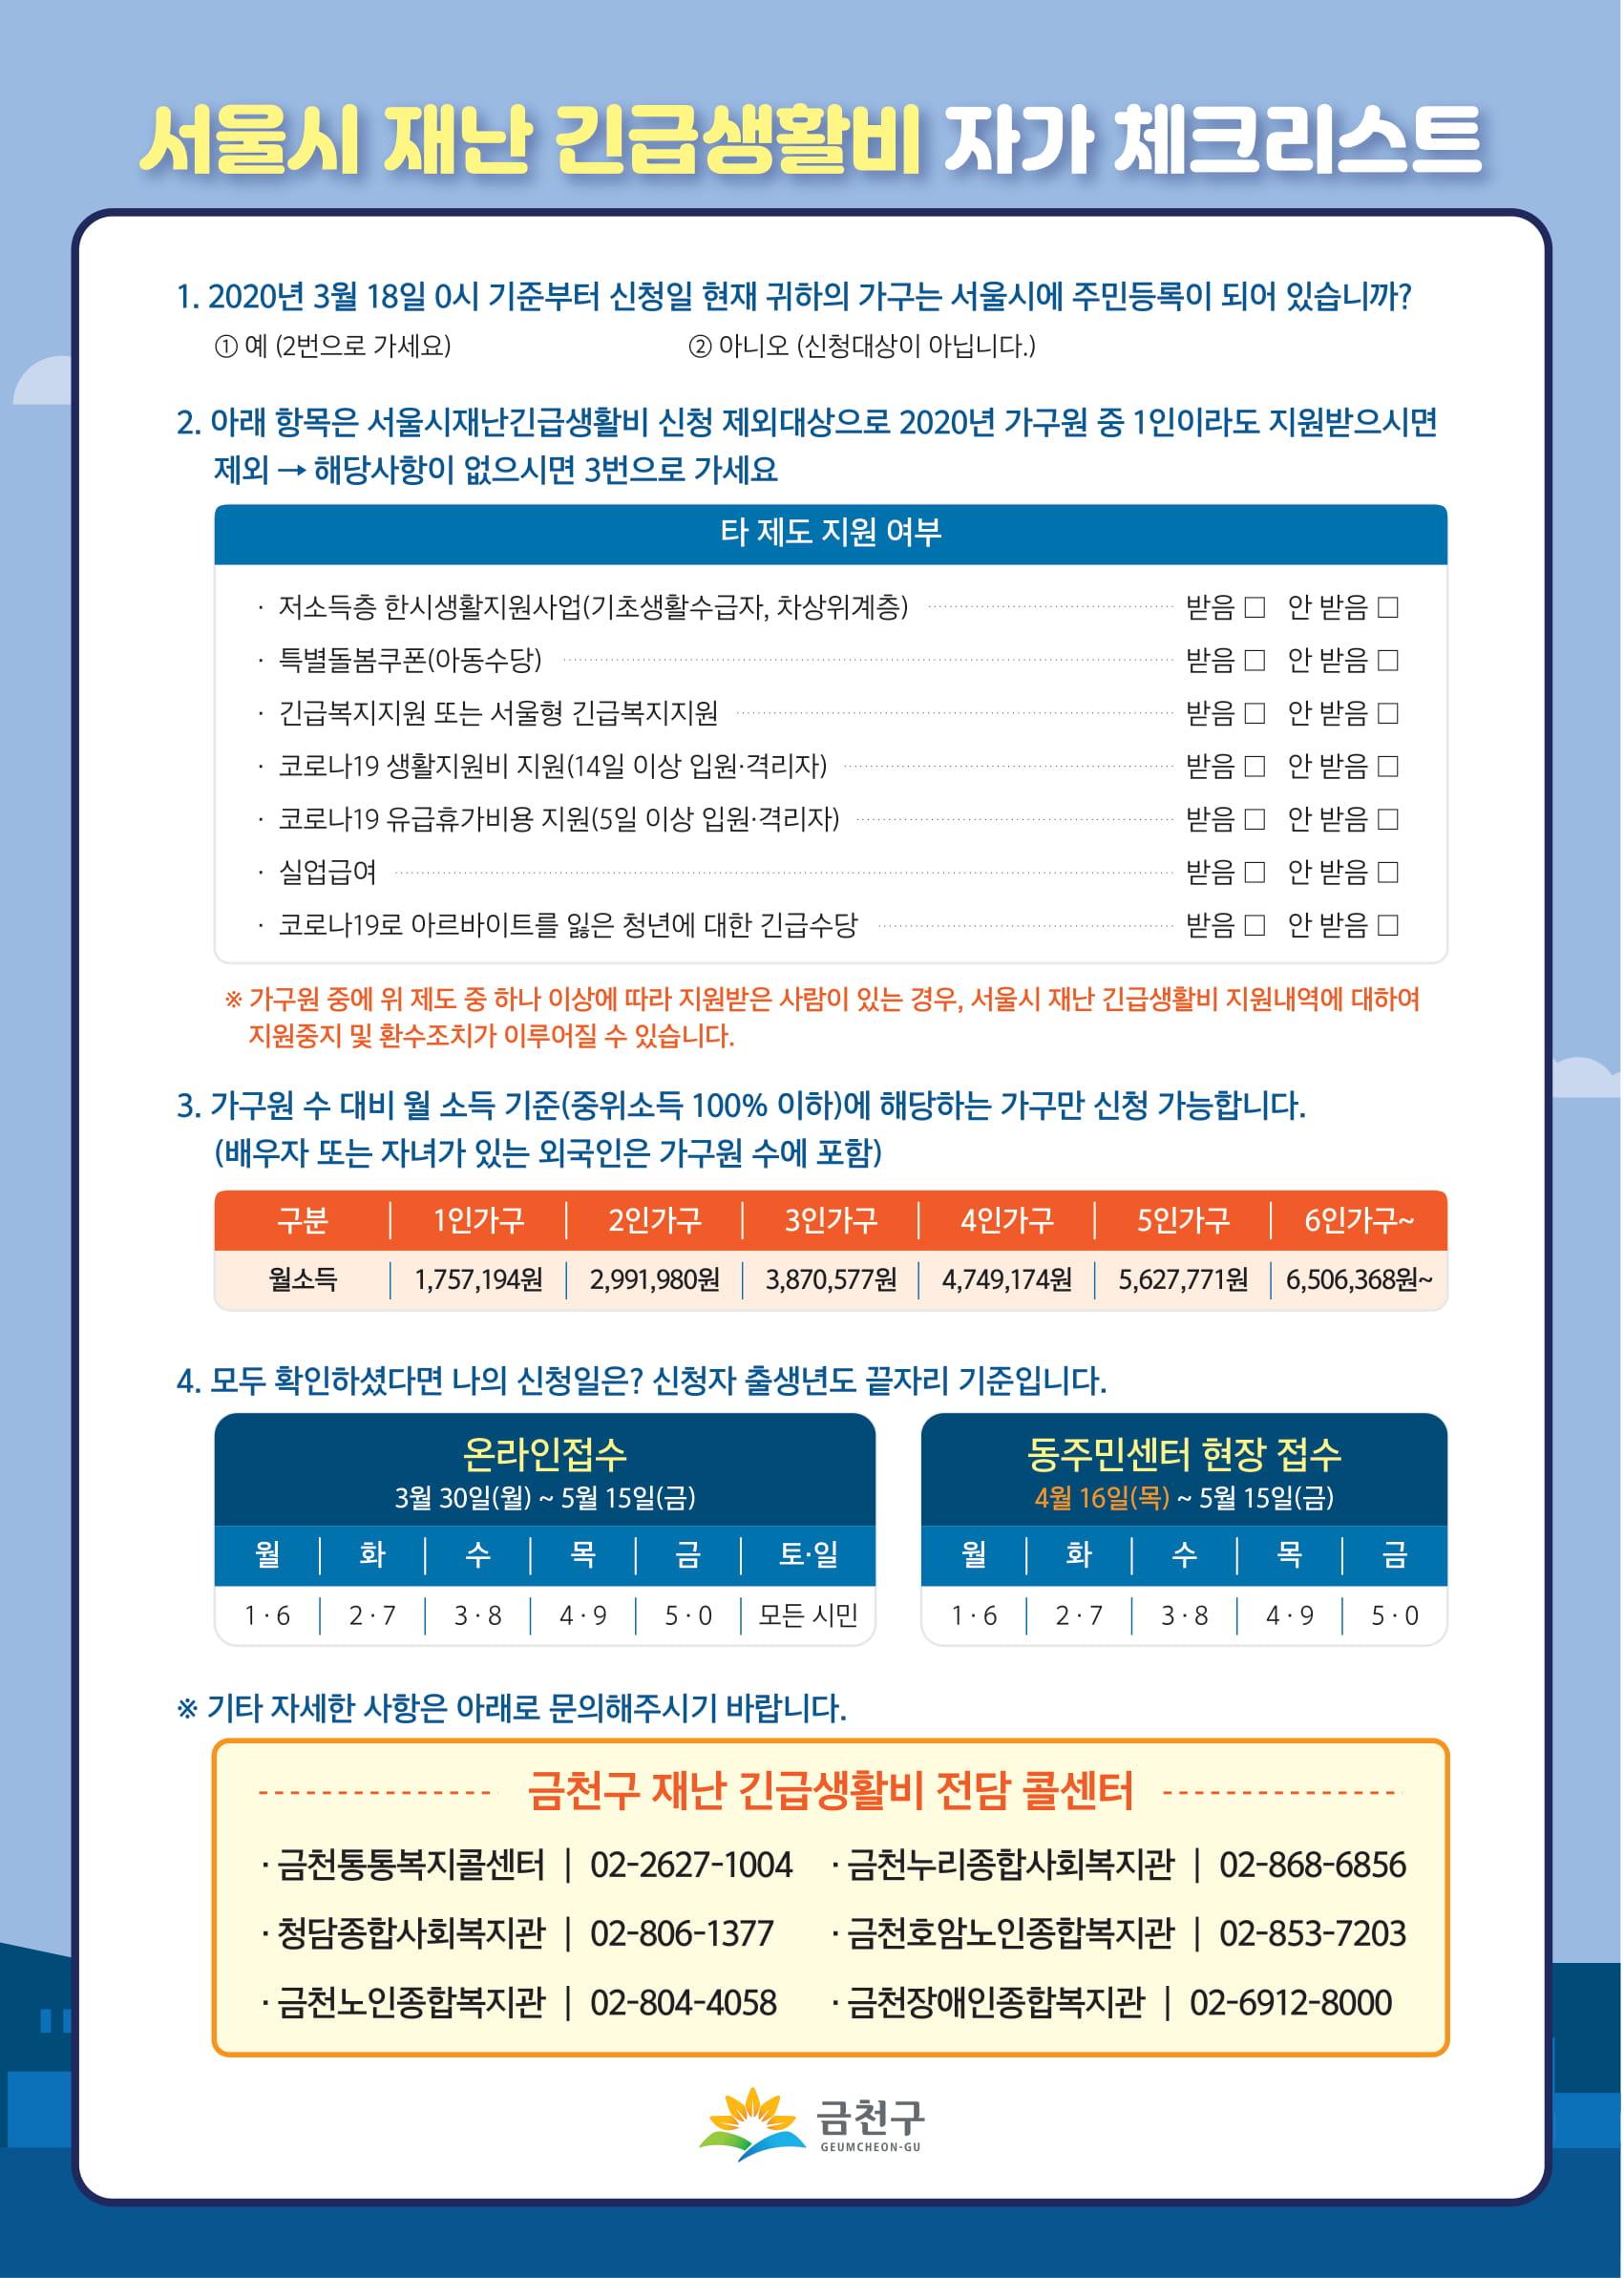 서울시재난긴급생활비